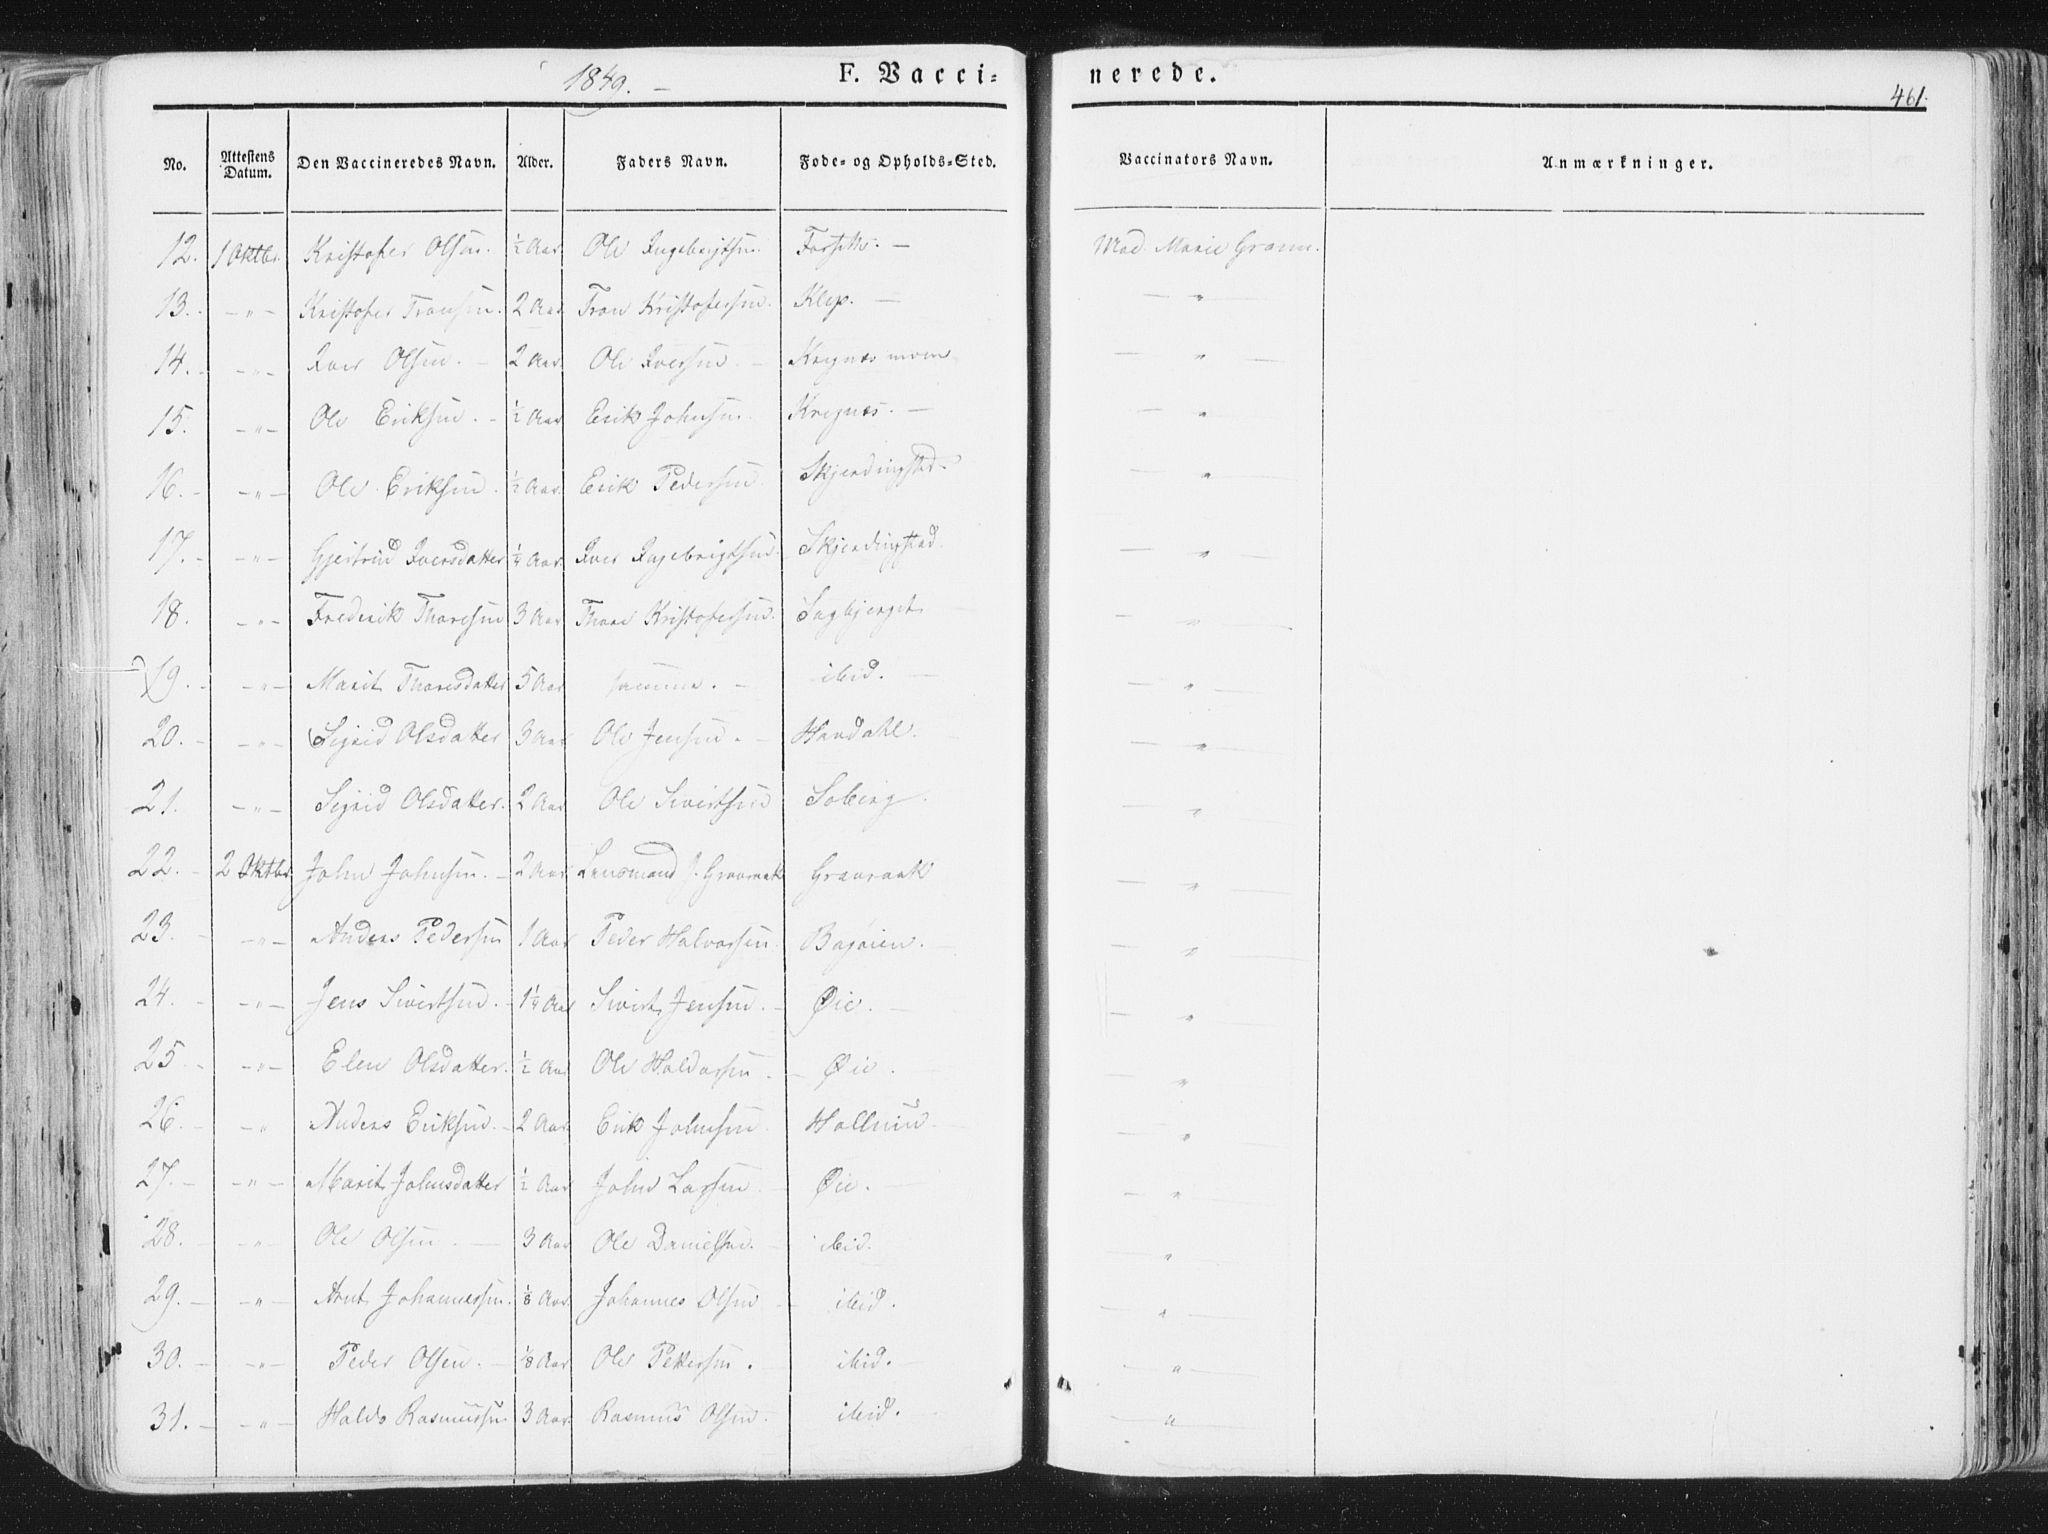 SAT, Ministerialprotokoller, klokkerbøker og fødselsregistre - Sør-Trøndelag, 691/L1074: Ministerialbok nr. 691A06, 1842-1852, s. 461